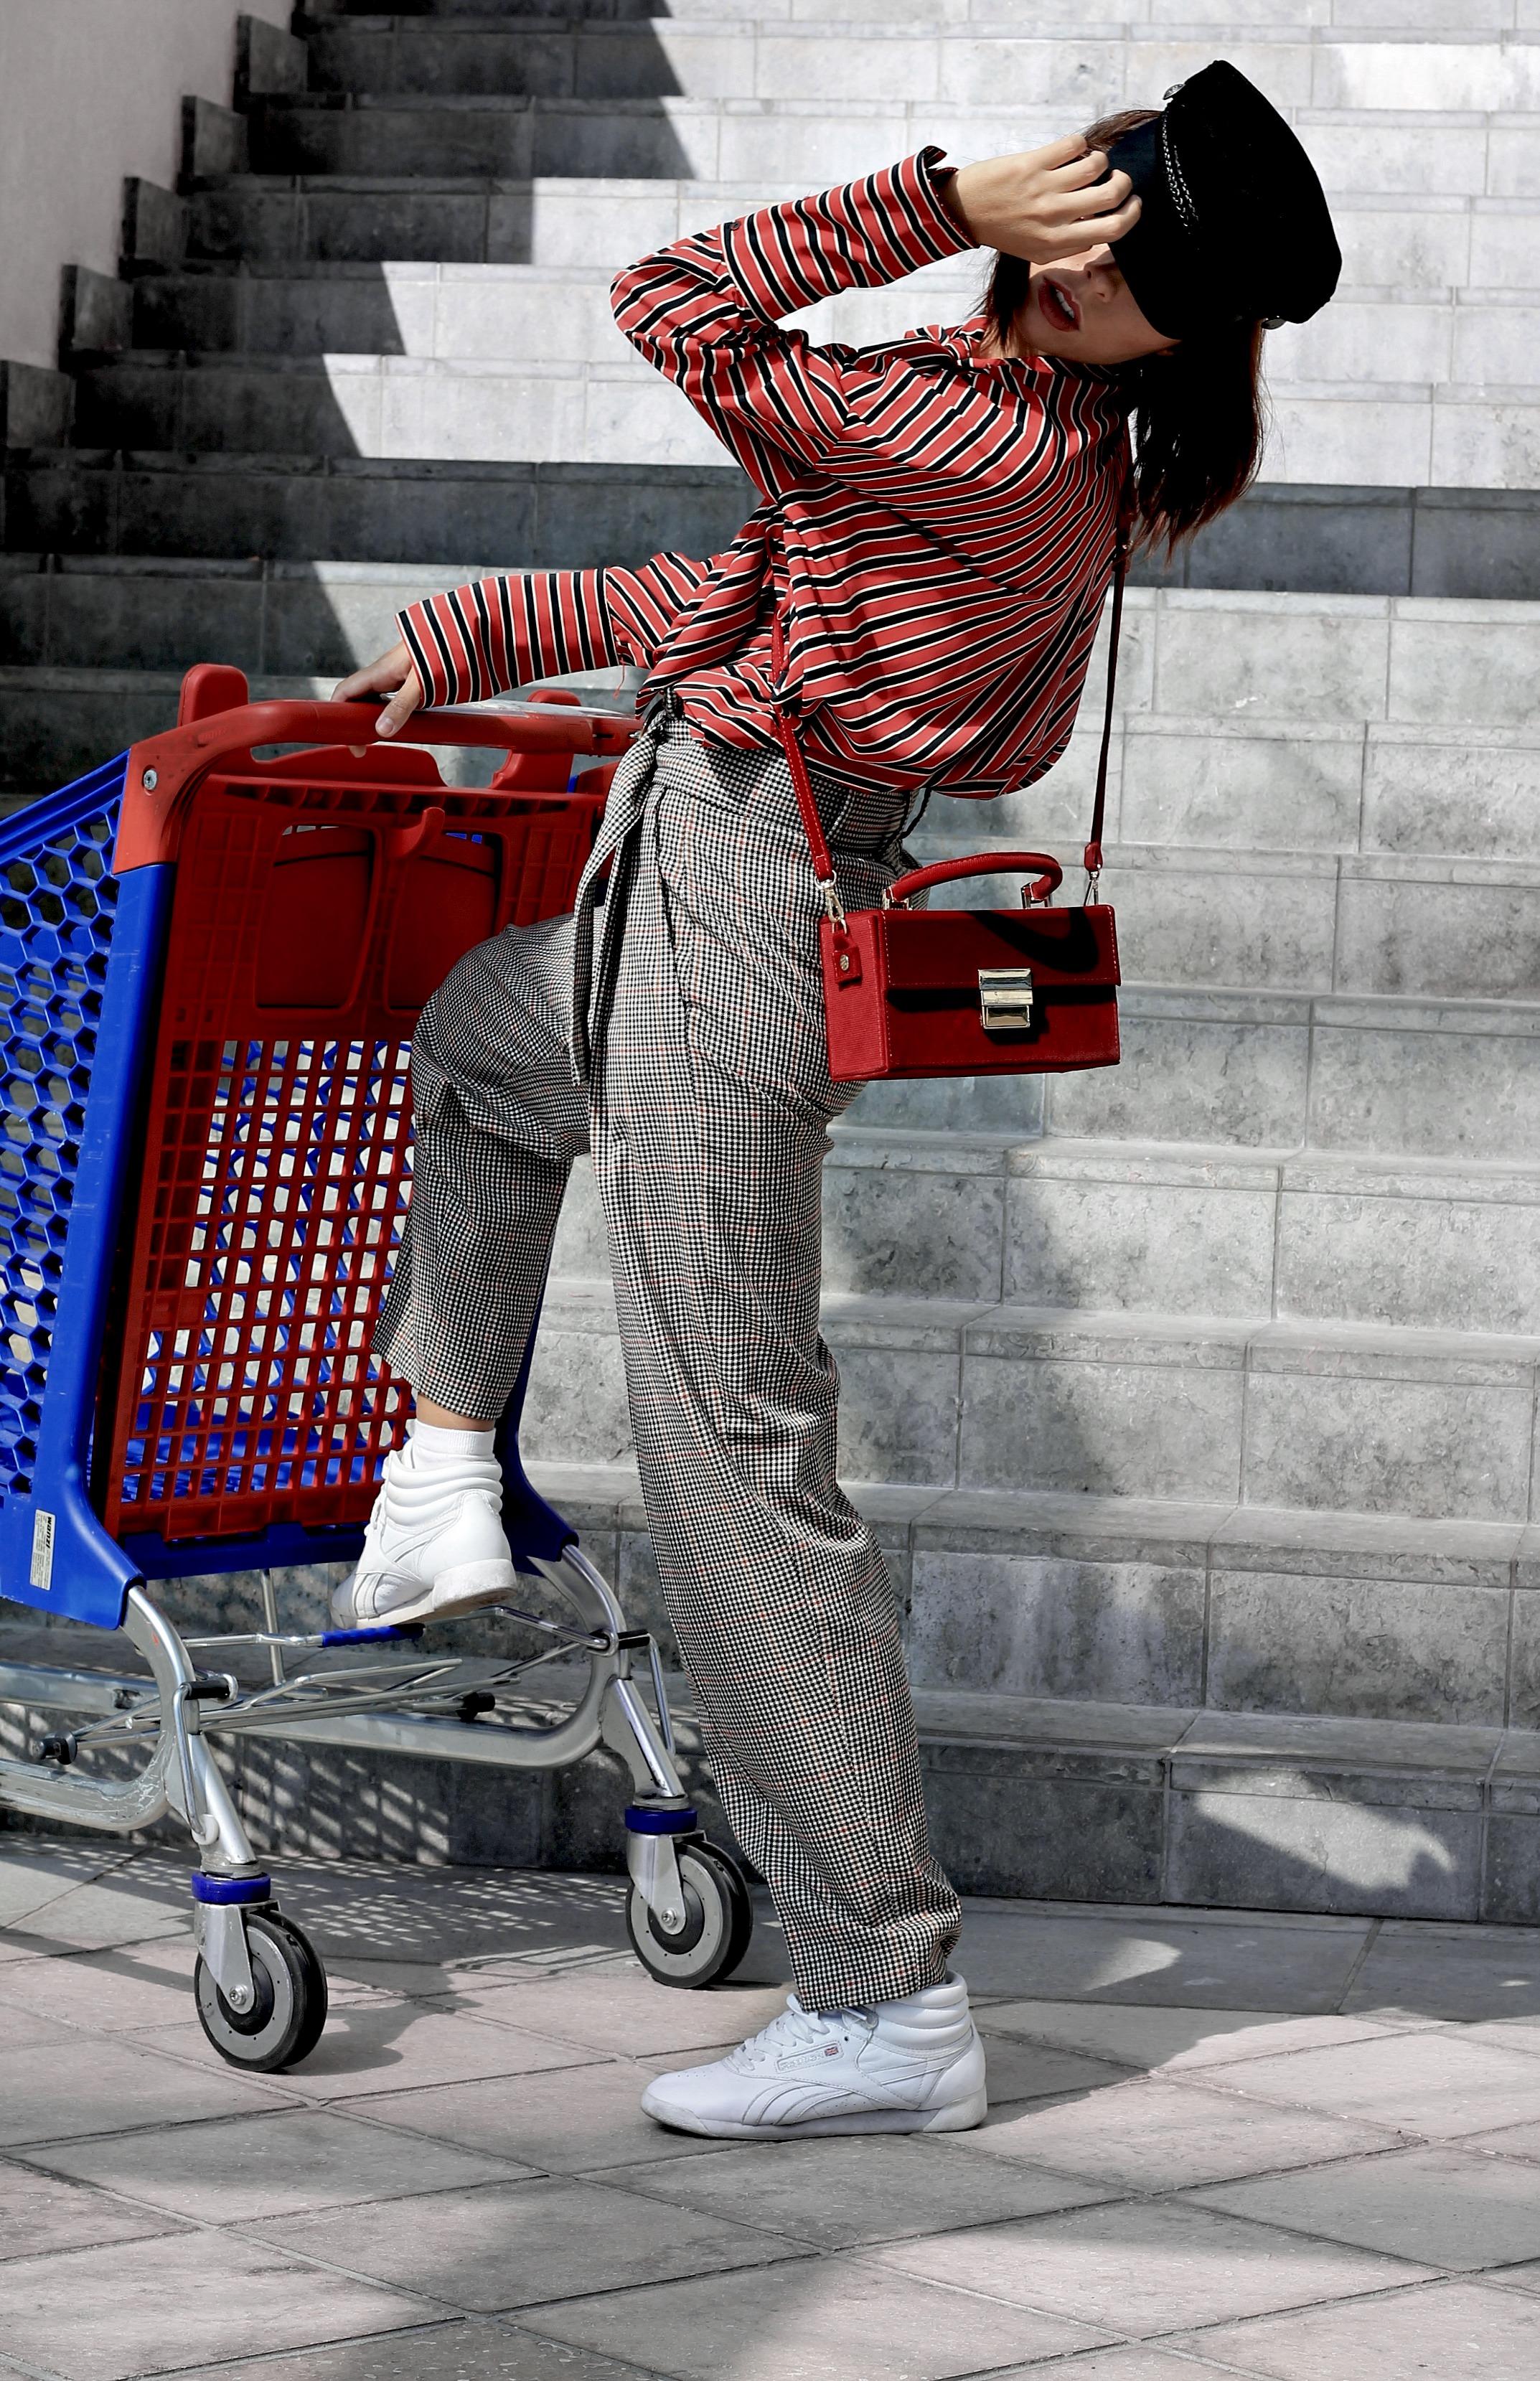 sfilate milano settembre 2017, theladycracy.it, pantaloni mango autunno inverno 2018, coppola da marinaio autunno inverno 2017 outfit, outfit autunno 2017, tendenze moda ss 2018, cosa andrà di moda estate 2018, tendenze moda autunno inverno 2017, casual chic inverno 2017, borsa zara inverno 2017